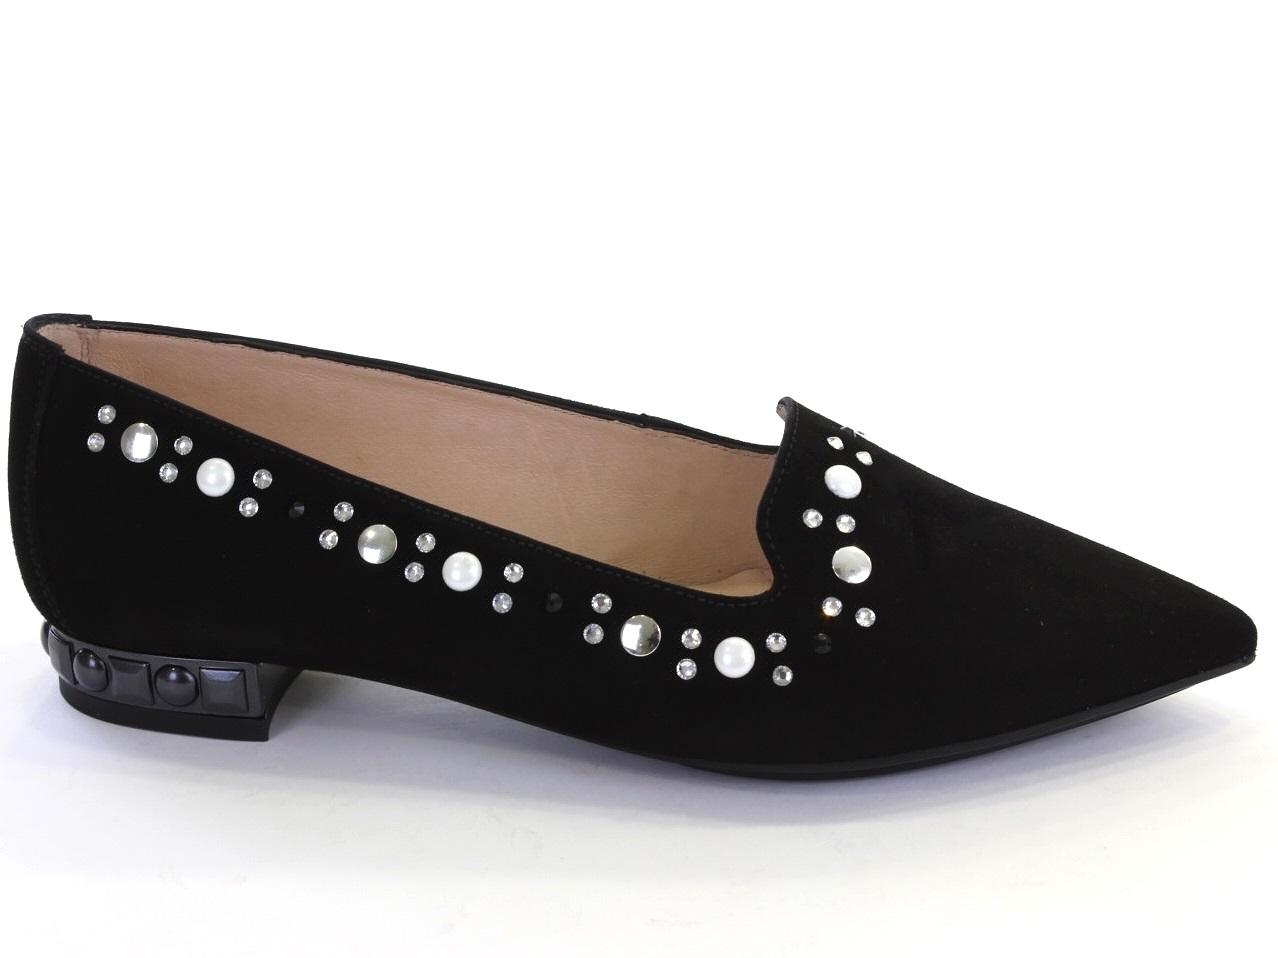 Sapatos Baixos, Sabrinas, Mocassins Hispanitas - 165 PHV86855